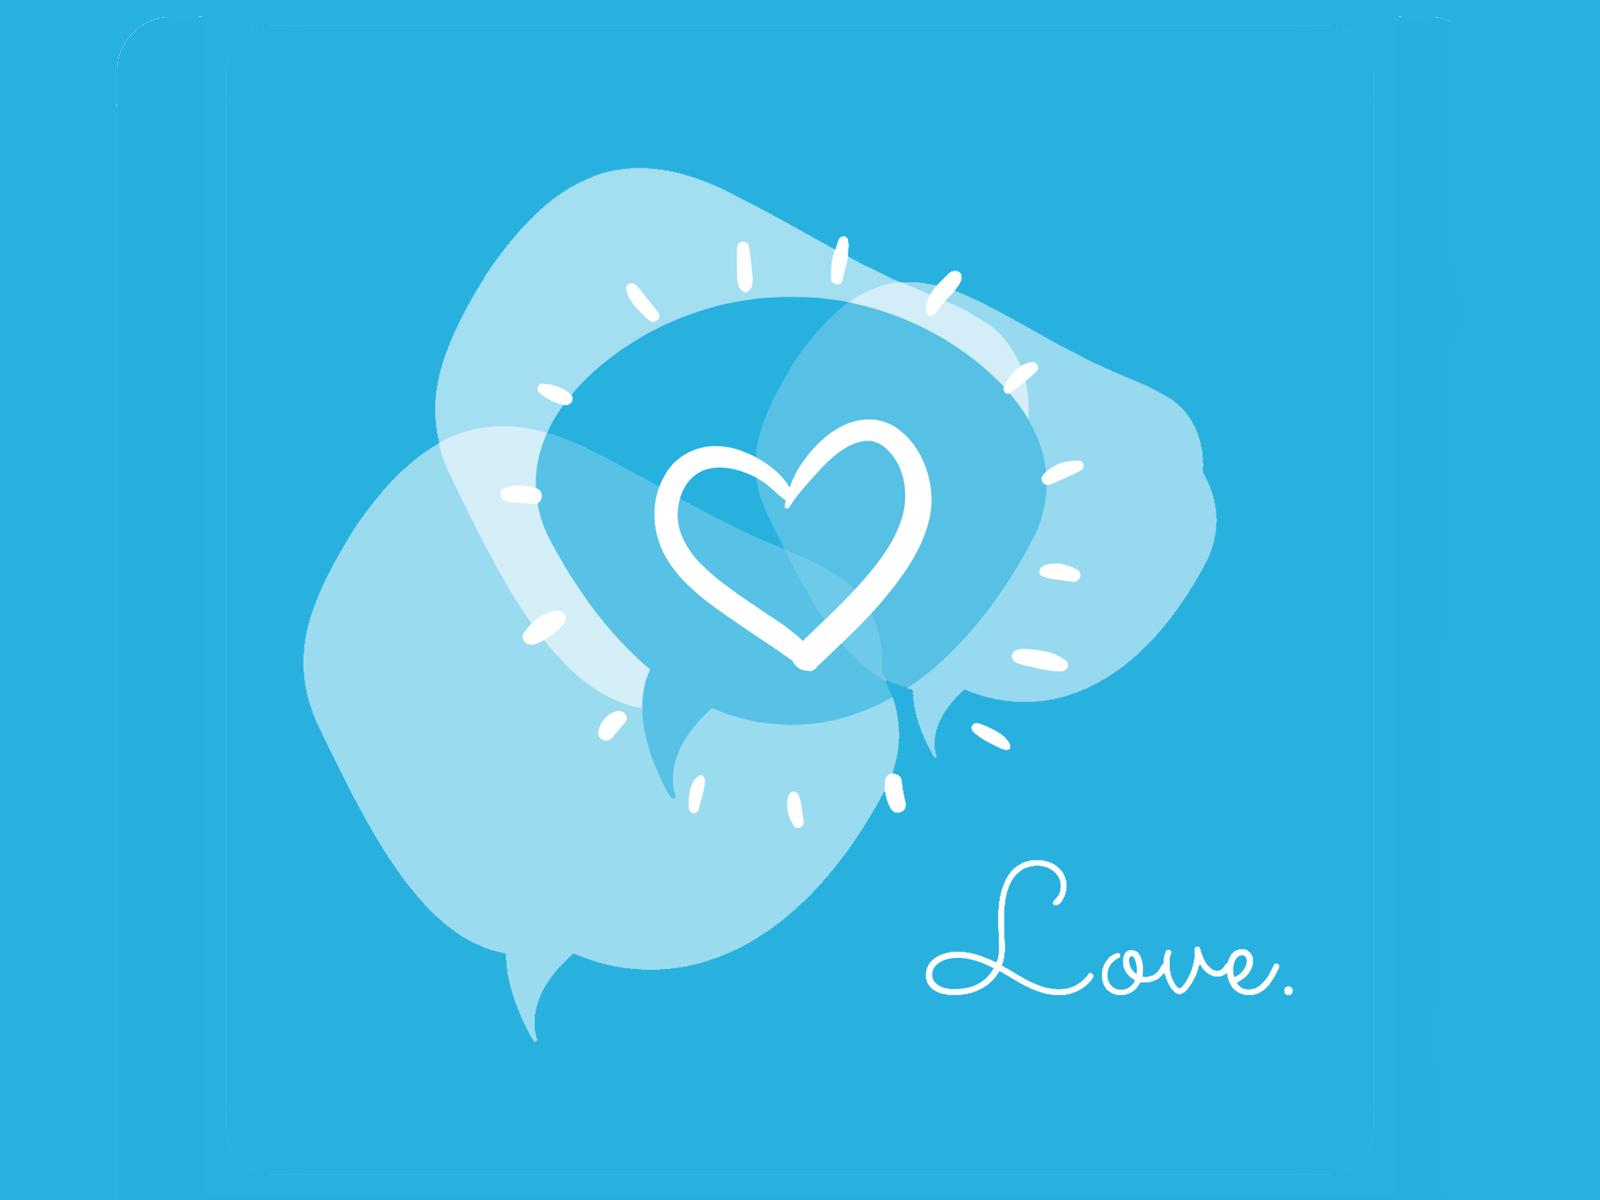 Illustration LOVE by DoSchu